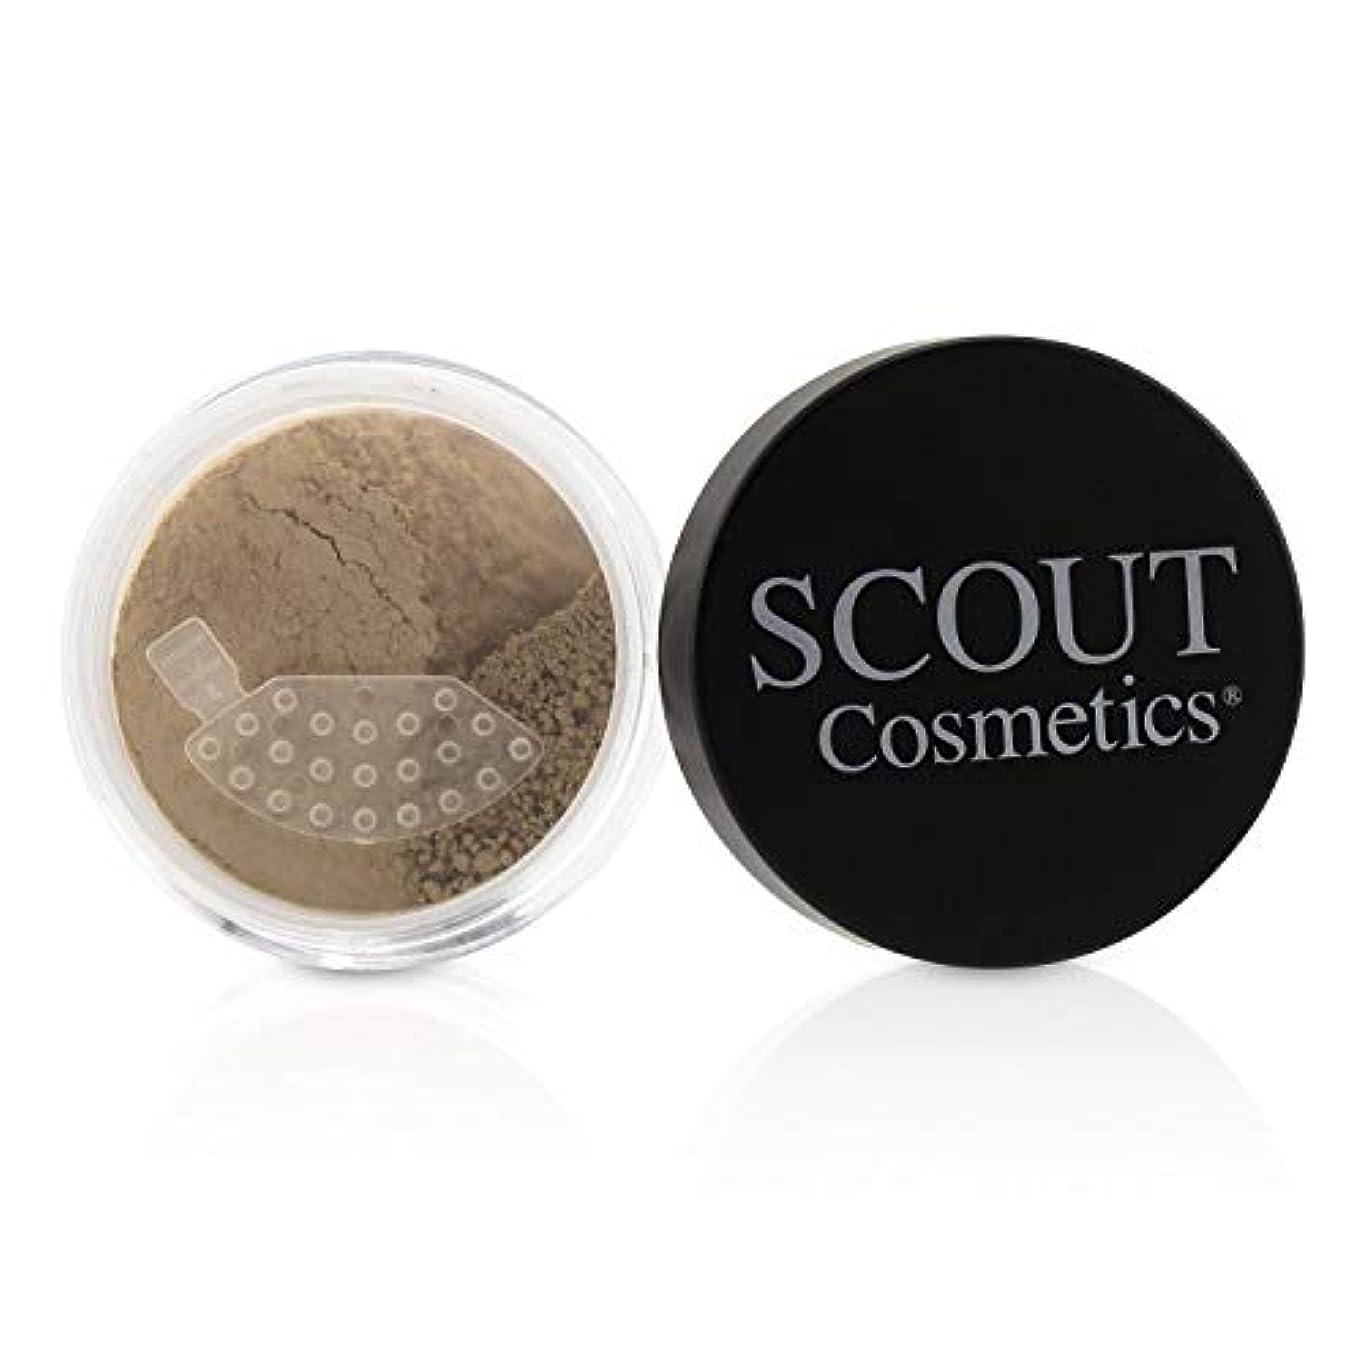 バスタブ勝者コアSCOUT Cosmetics Mineral Powder Foundation SPF 20 - # Camel 8g/0.28oz並行輸入品